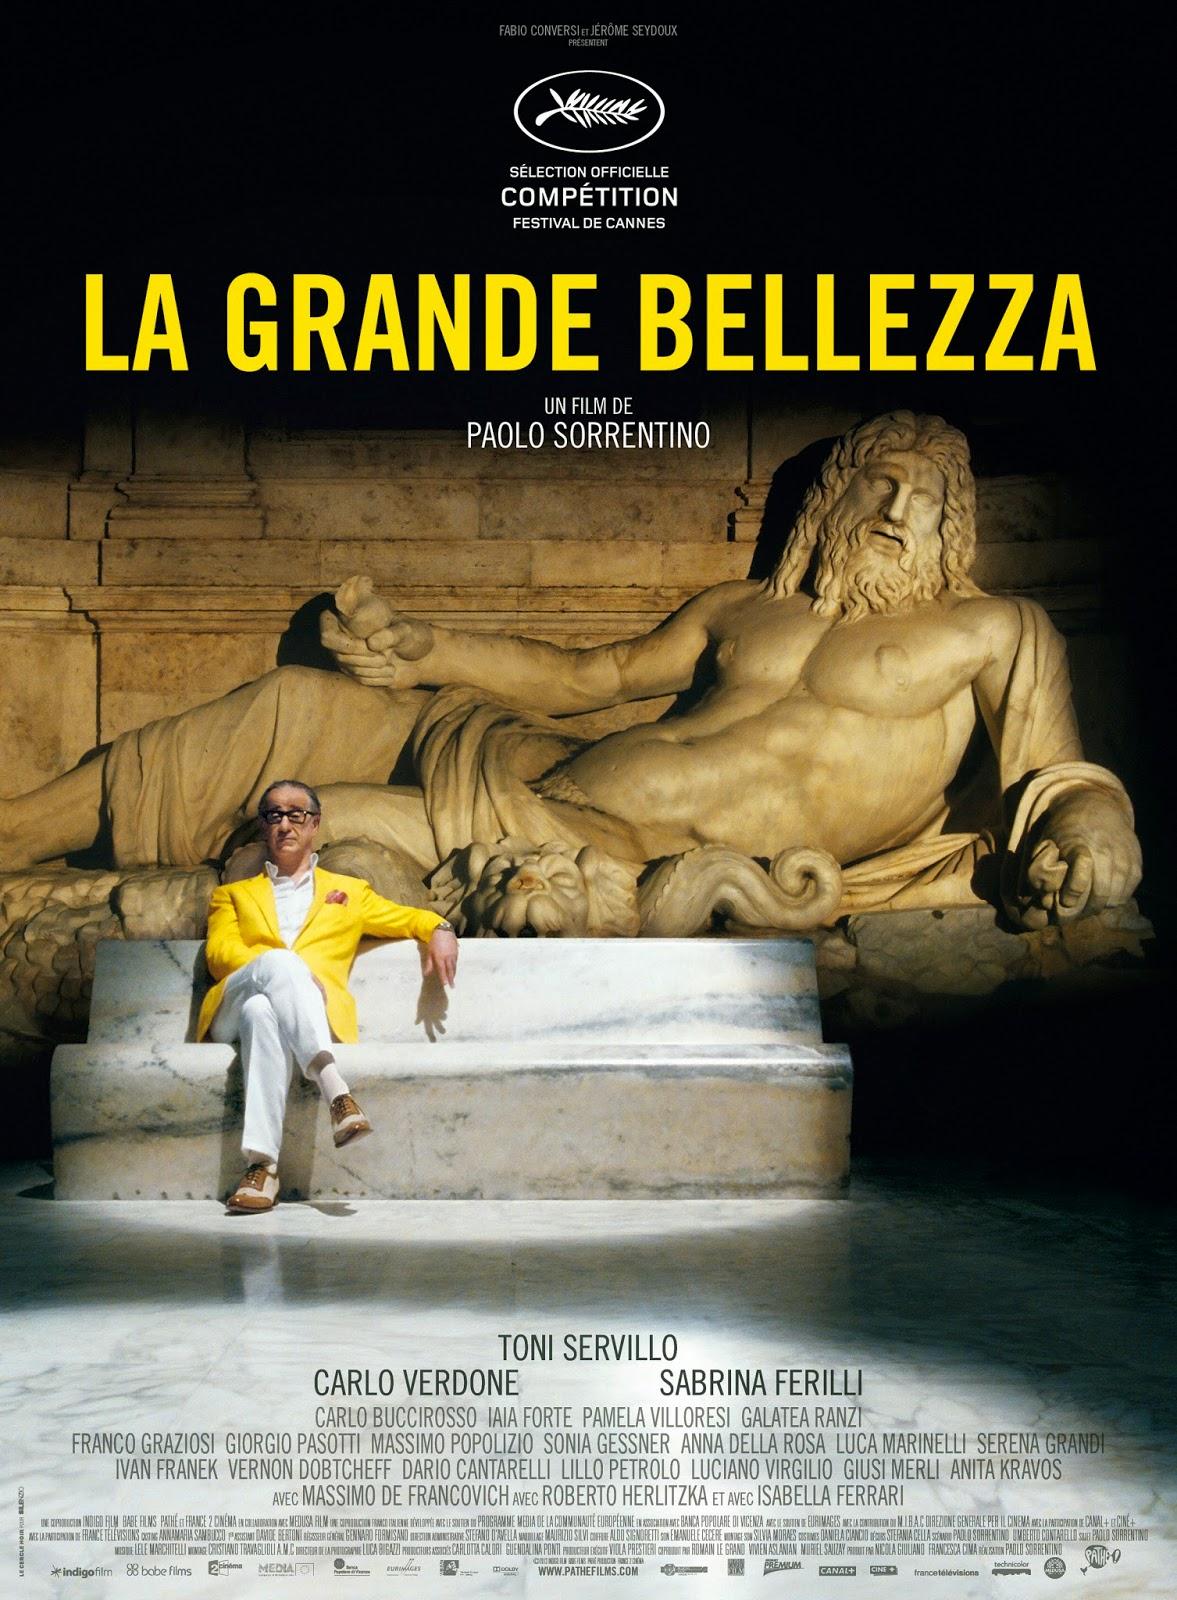 http://www.allocine.fr/film/fichefilm_gen_cfilm=210804.html